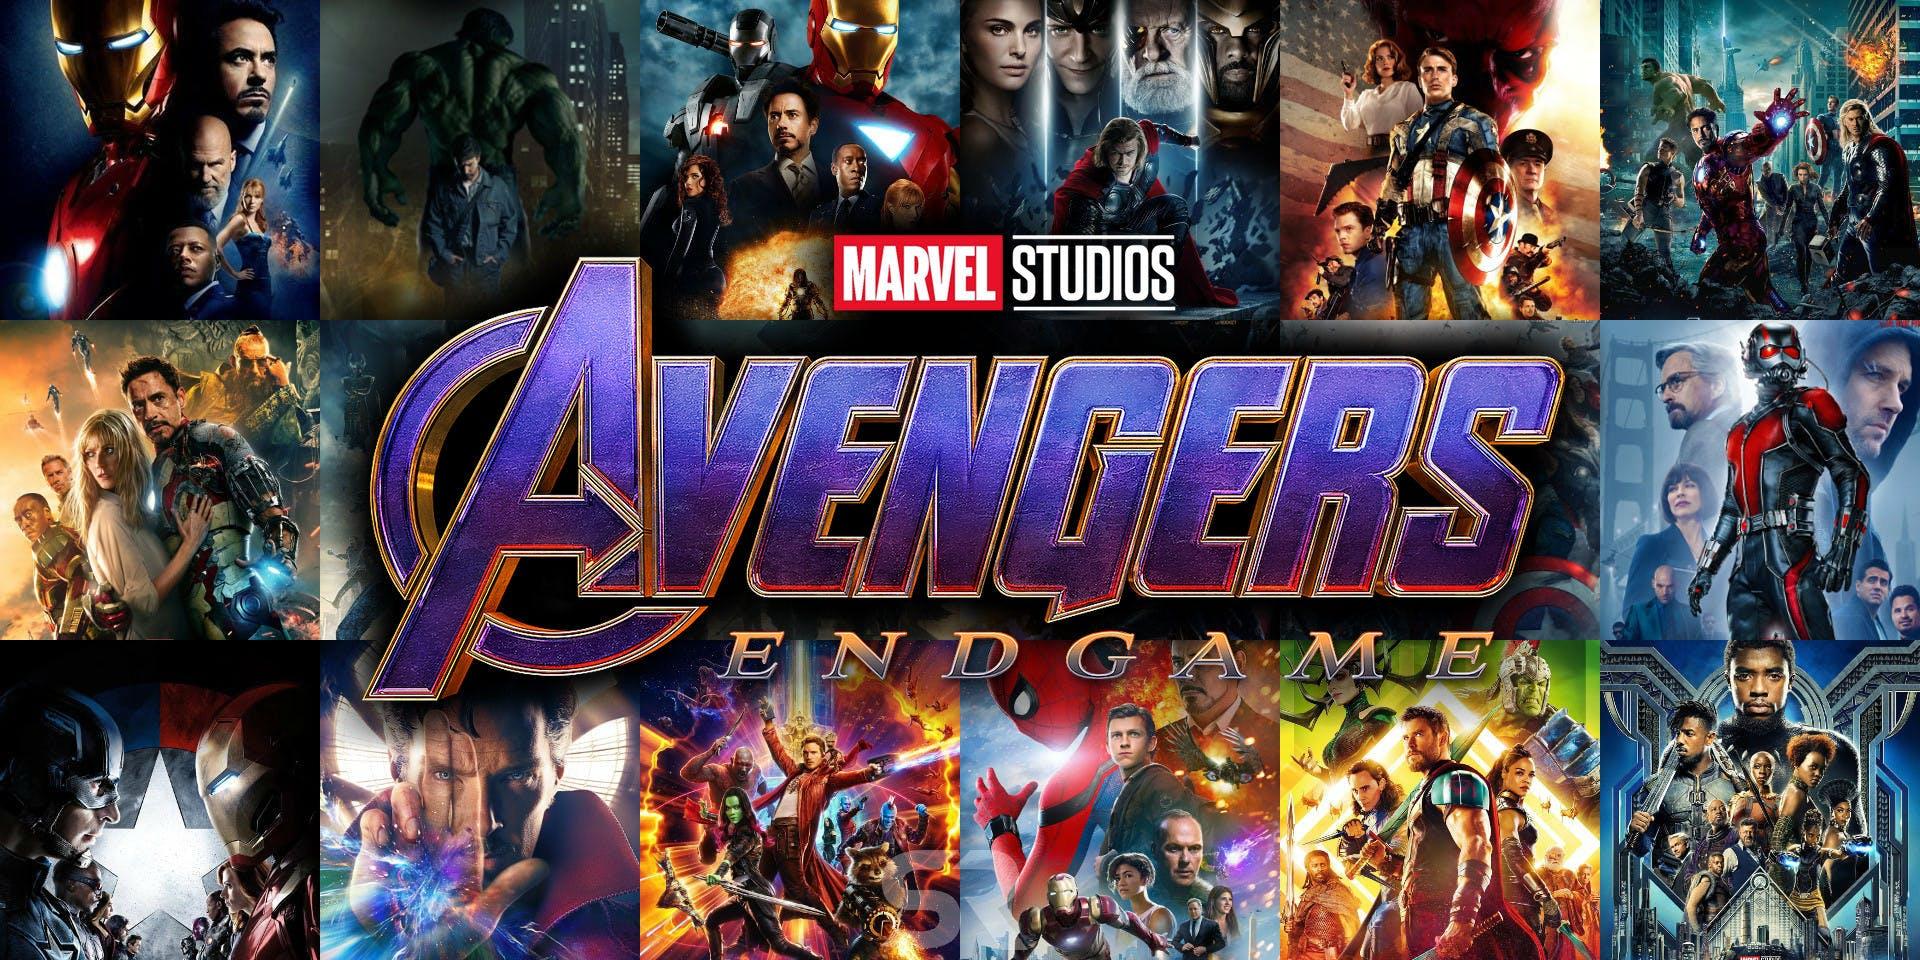 Avengers: Endgame rompe récords de taquilla en el fin de semana de su estreno